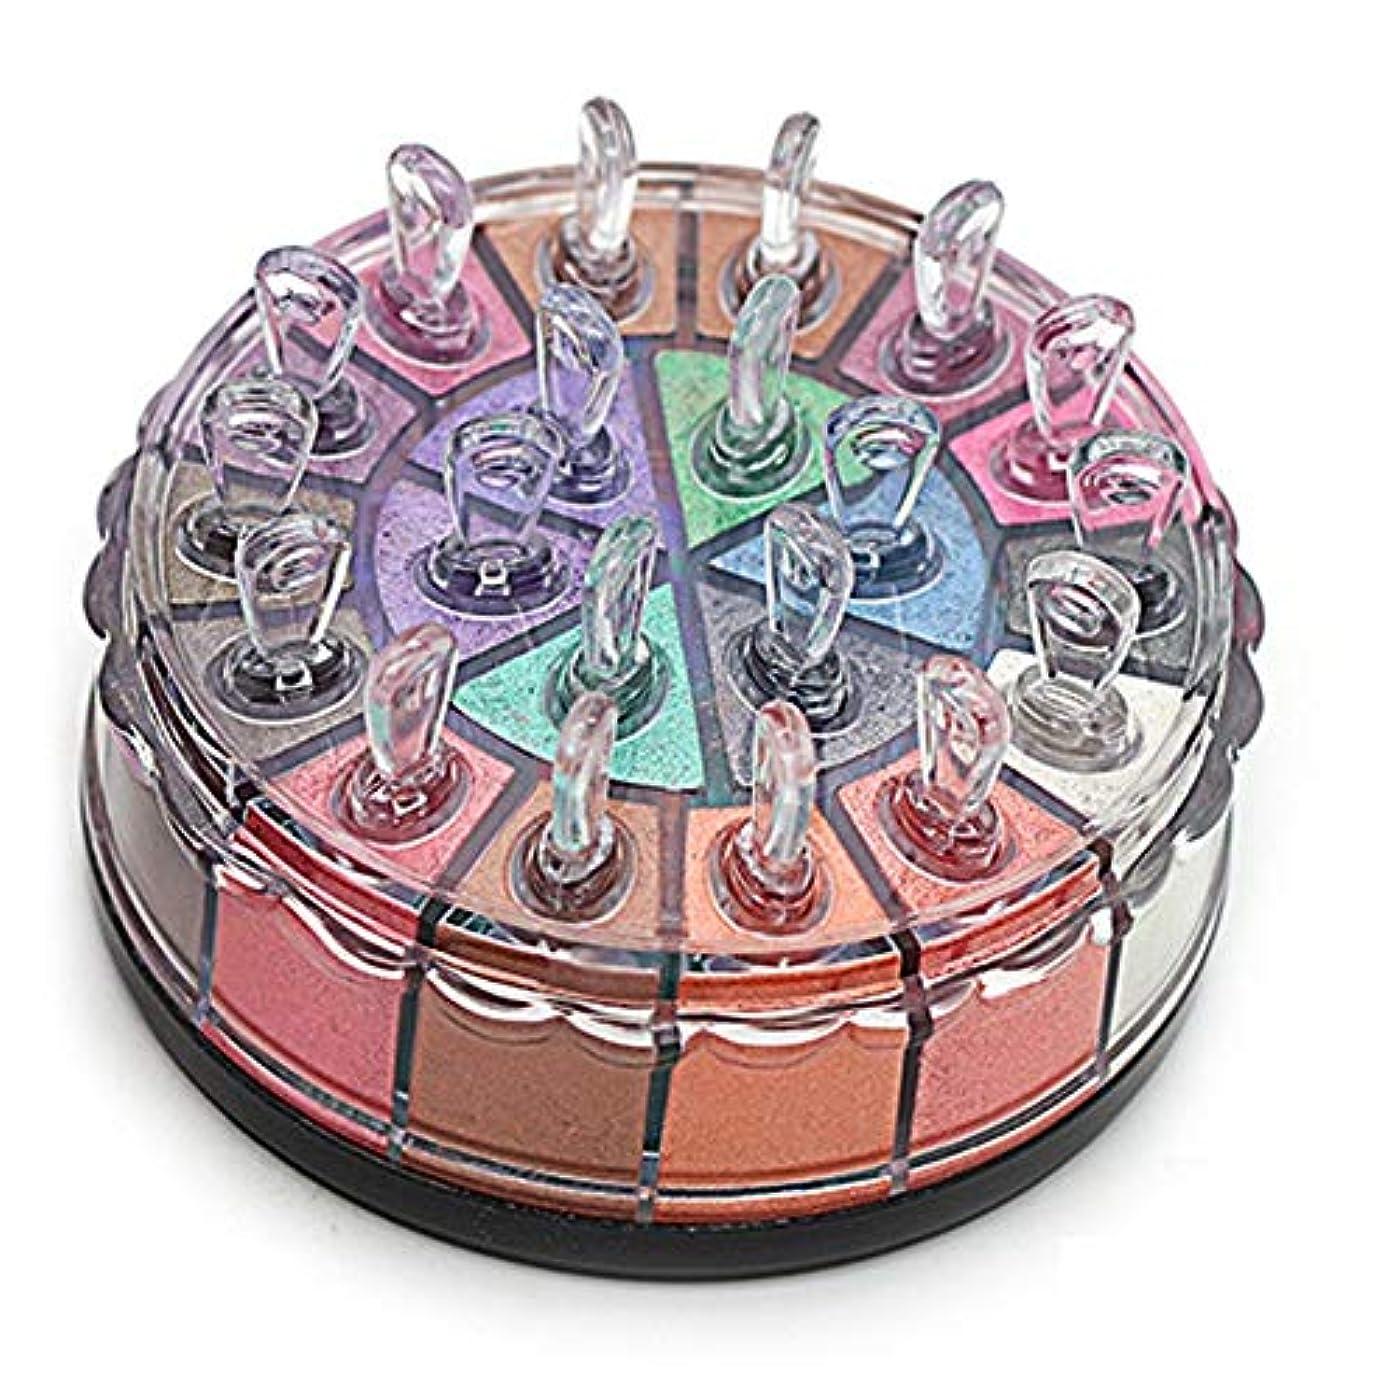 姉妹努力するアトミックAkane アイシャドウパレット INS 人気 ファッション 超便利 キラキラ 欧米風 綺麗 可愛い 高級 つや消し マット Eye Shadow (20色)